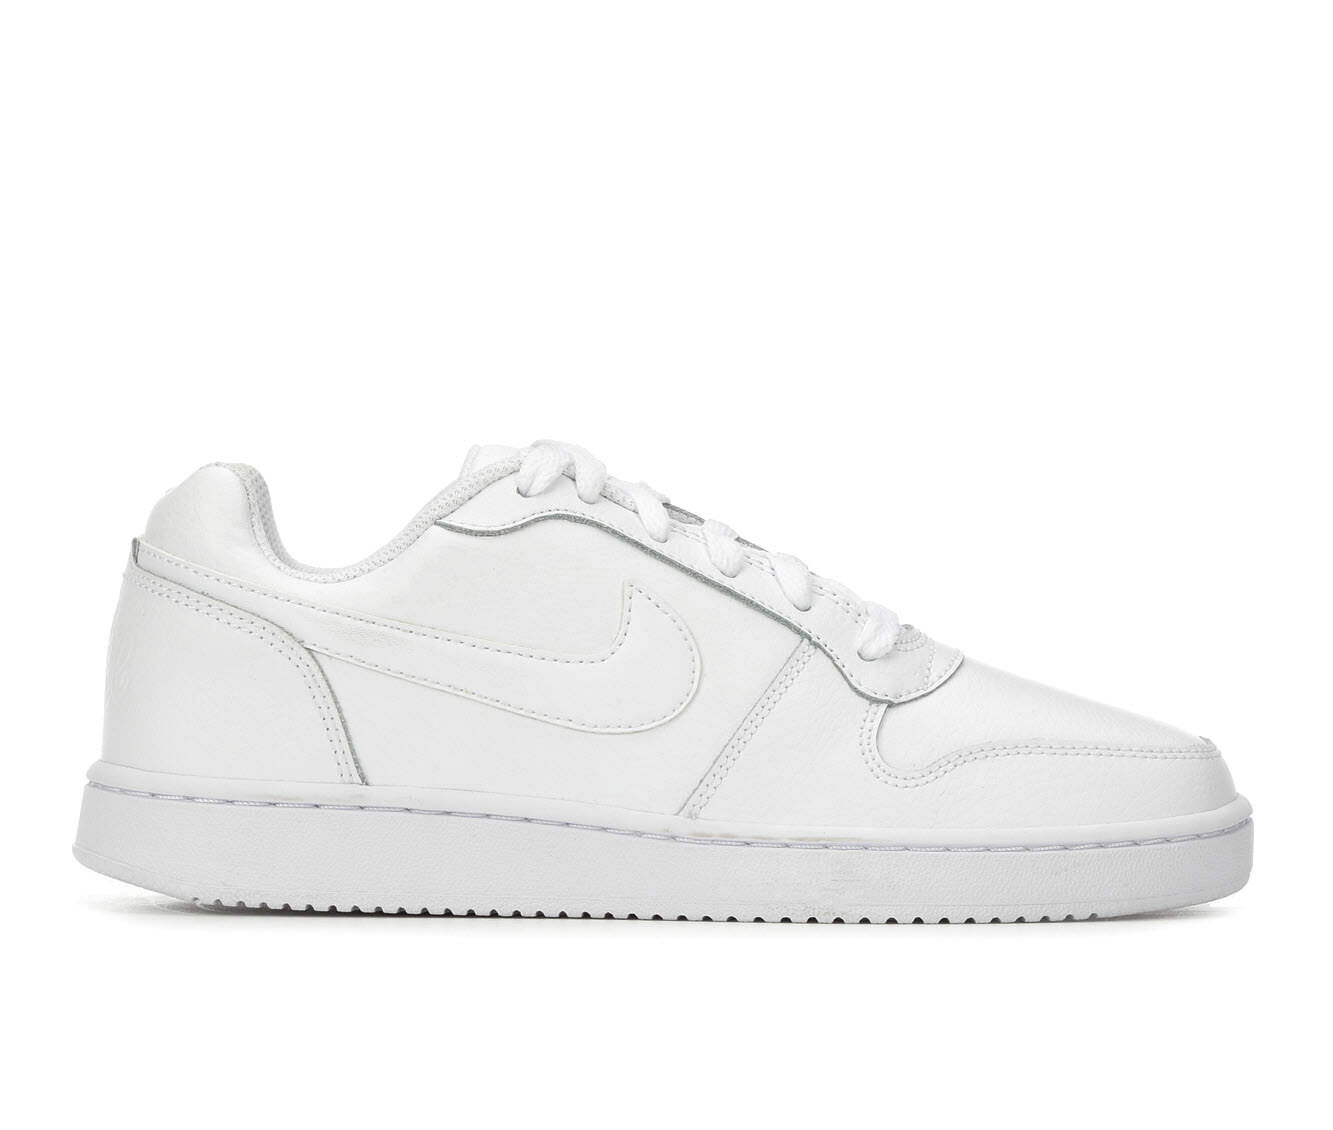 Women's Nike Ebernon Low Basketball Shoes White/White